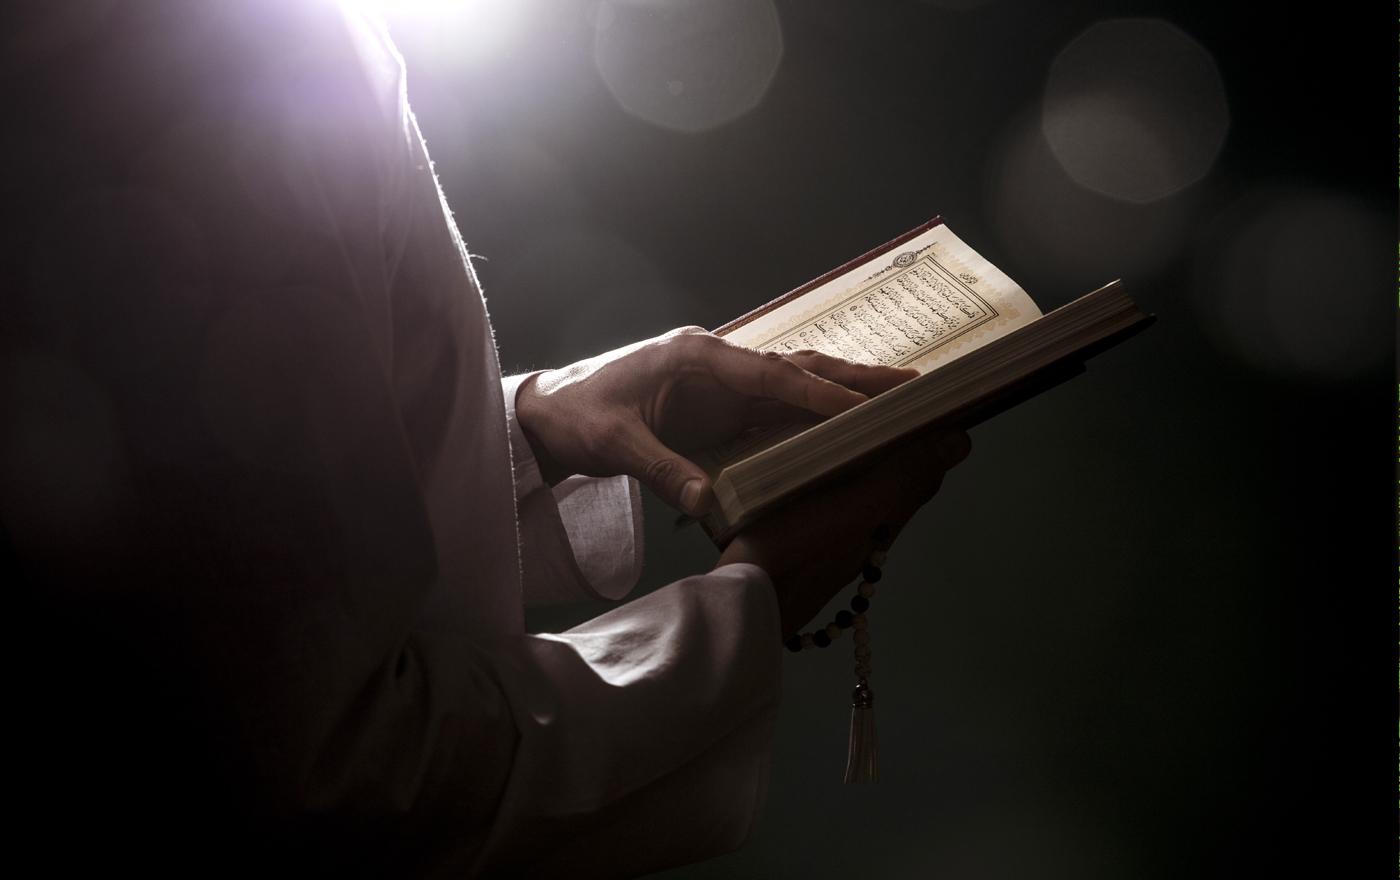 فضیلت دعای جوشن کبیر